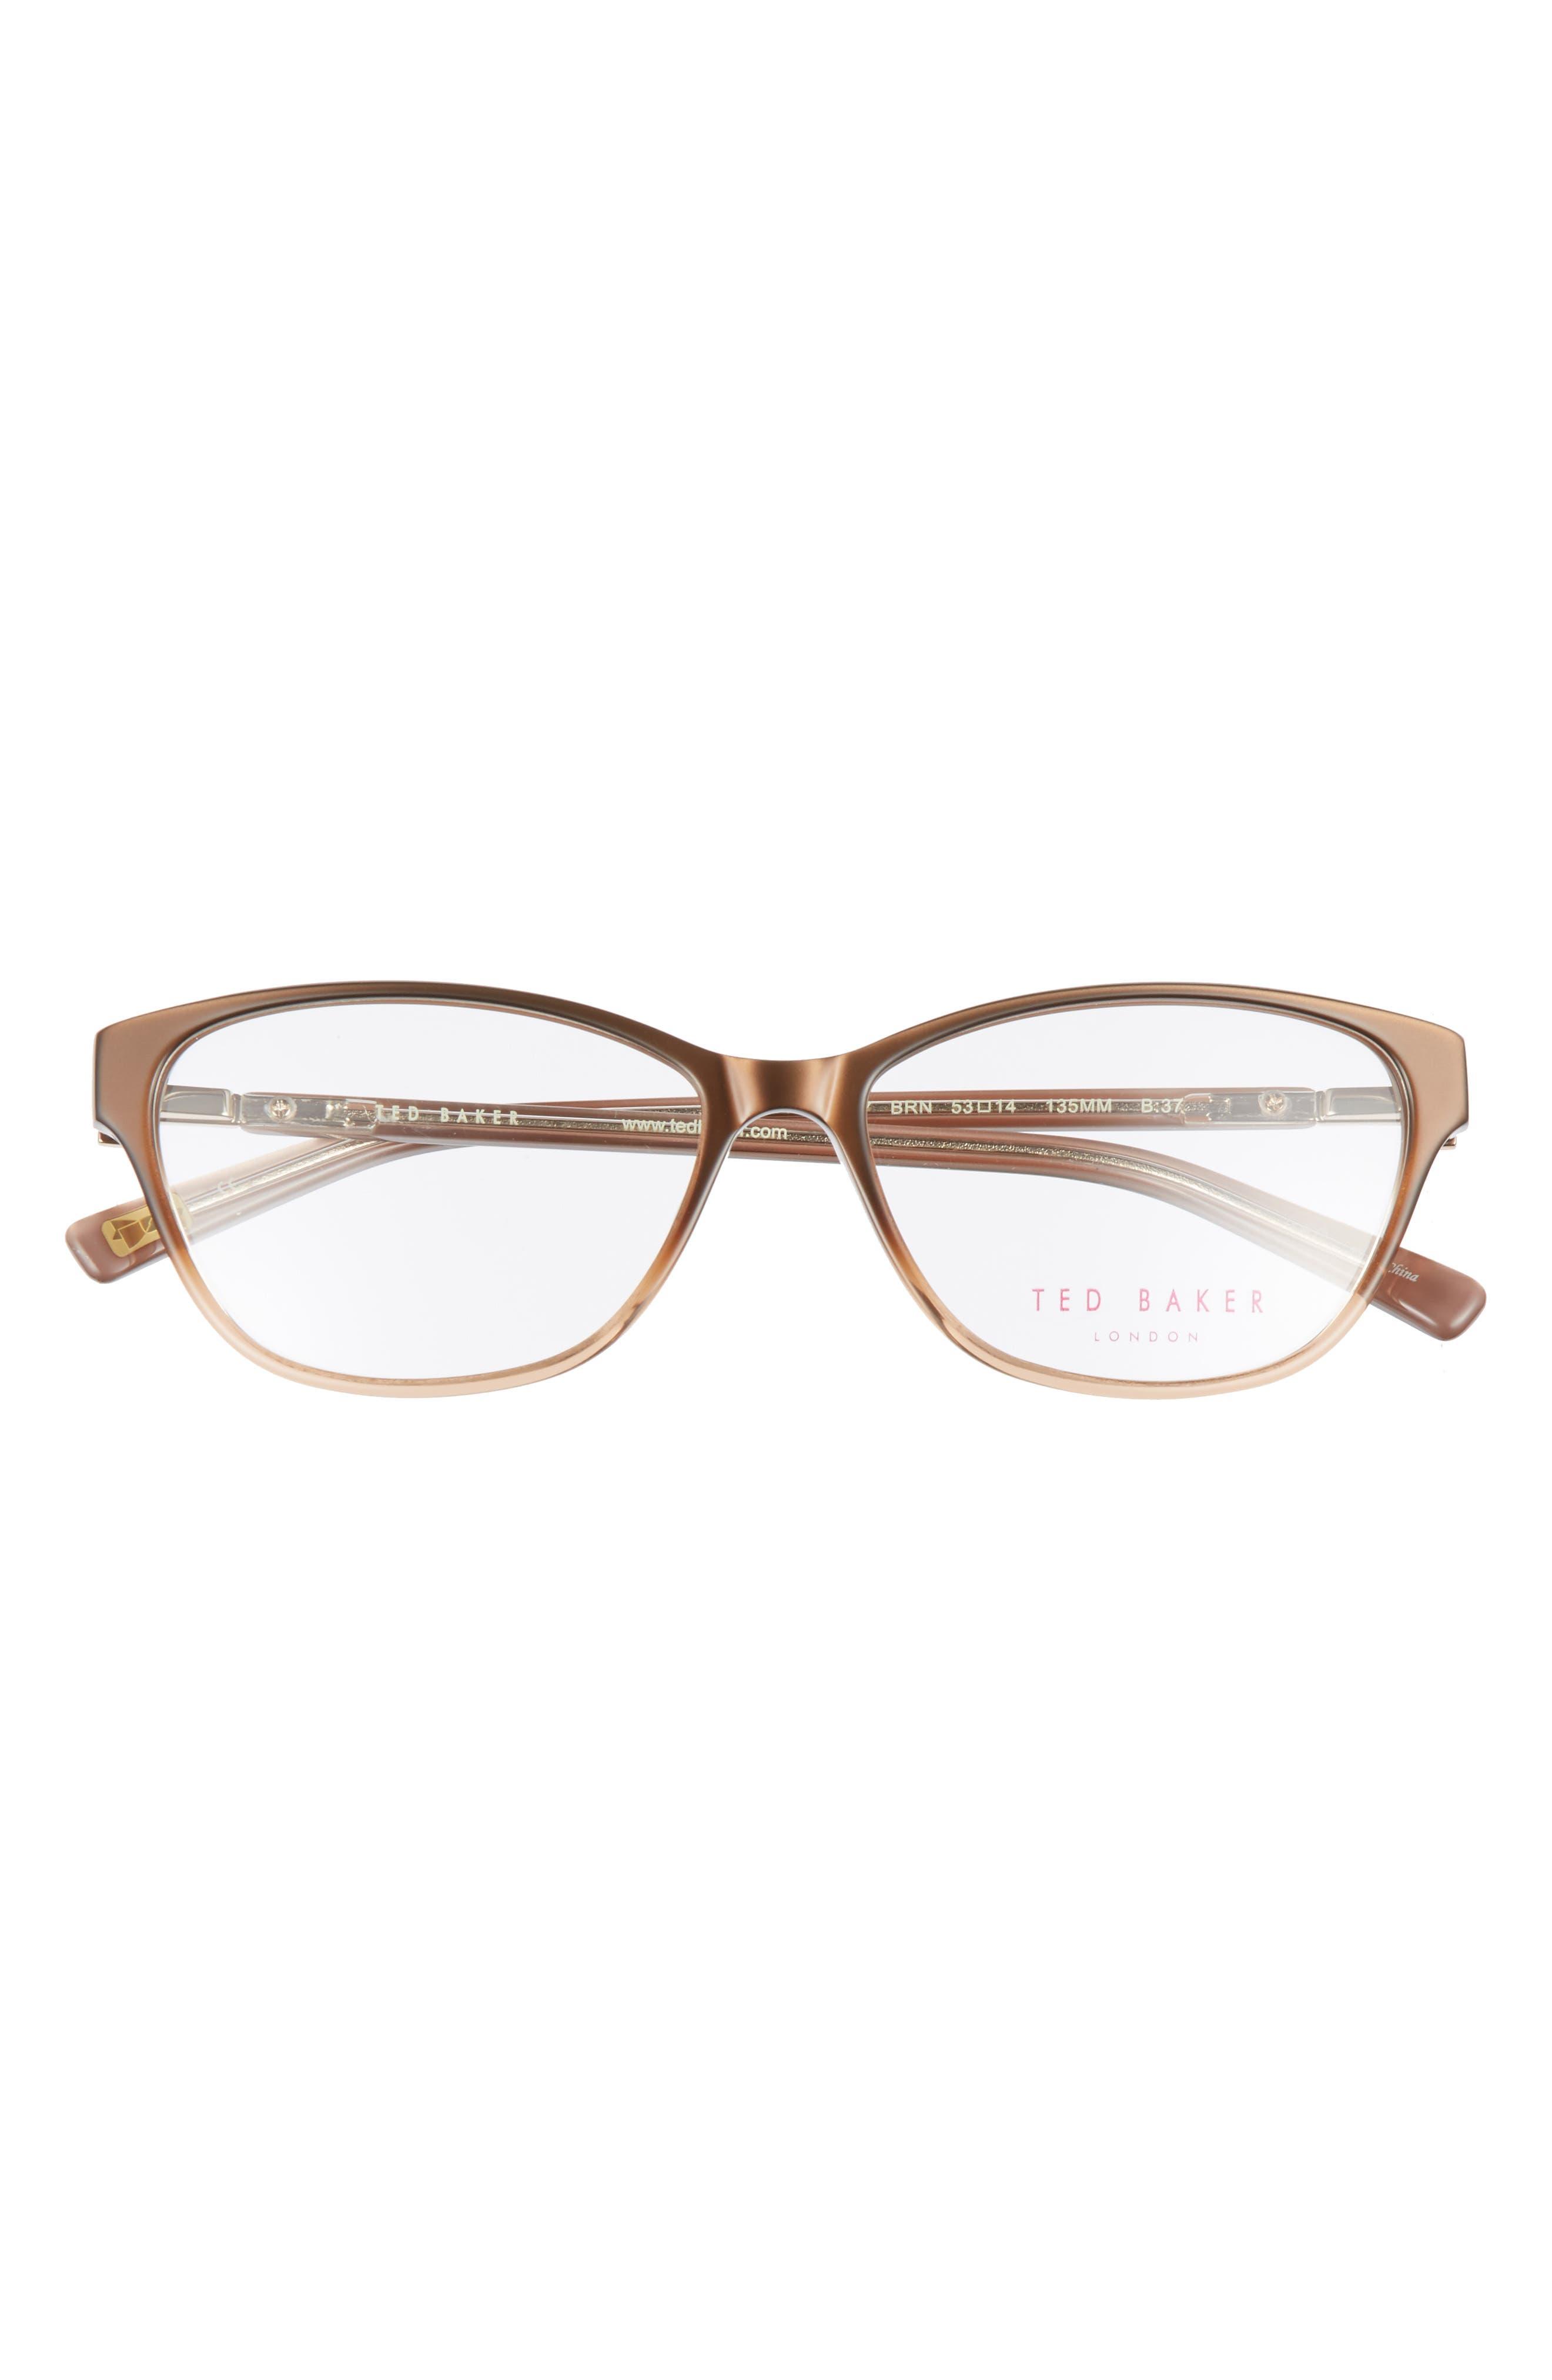 53mm Optical Cat Eye Glasses,                             Alternate thumbnail 5, color,